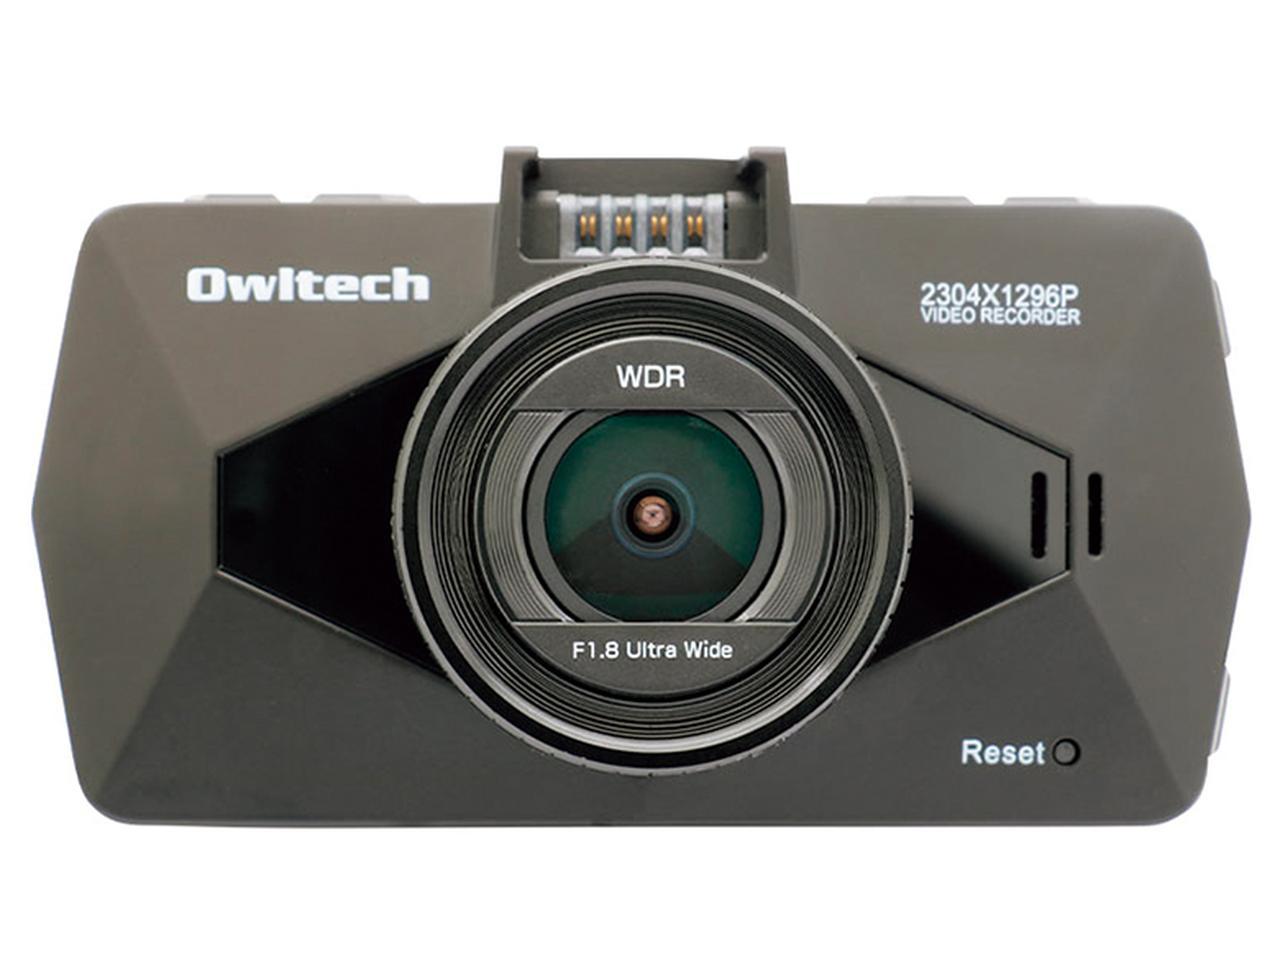 画像1: オウルテック OWL-DR701G